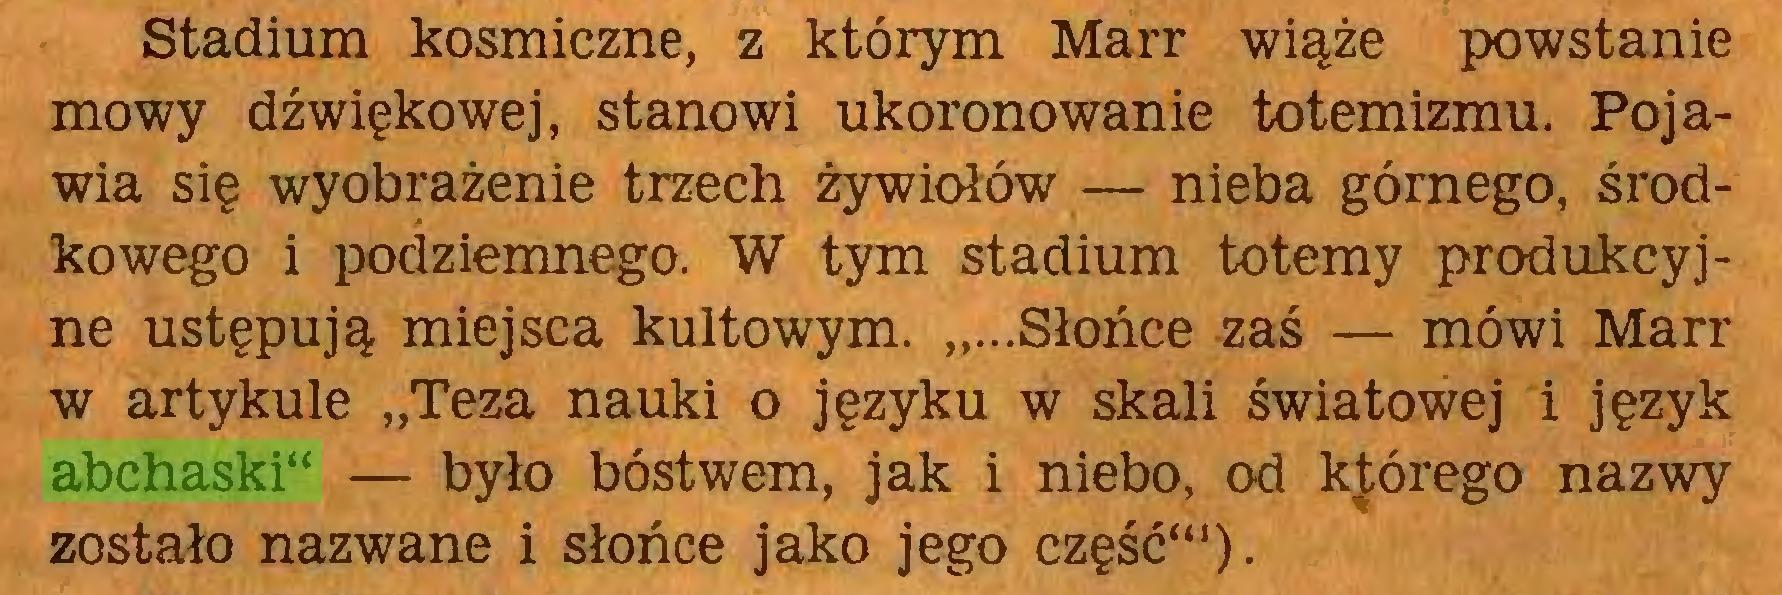 """(...) Stadium kosmiczne, z którym Marr wiąże powstanie mowy dźwiękowej, stanowi ukoronowanie totemizmu. Pojawia się wyobrażenie trzech żywiołów — nieba górnego, środkowego i podziemnego. W tym stadium totemy produkcyjne ustępują miejsca kultowym. """"...Słońce zaś — mówi Marr w artykule """"Teza nauki o języku w skali światowej i język abchaski"""" — było bóstwem, jak i niebo, od kfórego nazwy zostało nazwane i słońce jako jego część""""1)..."""